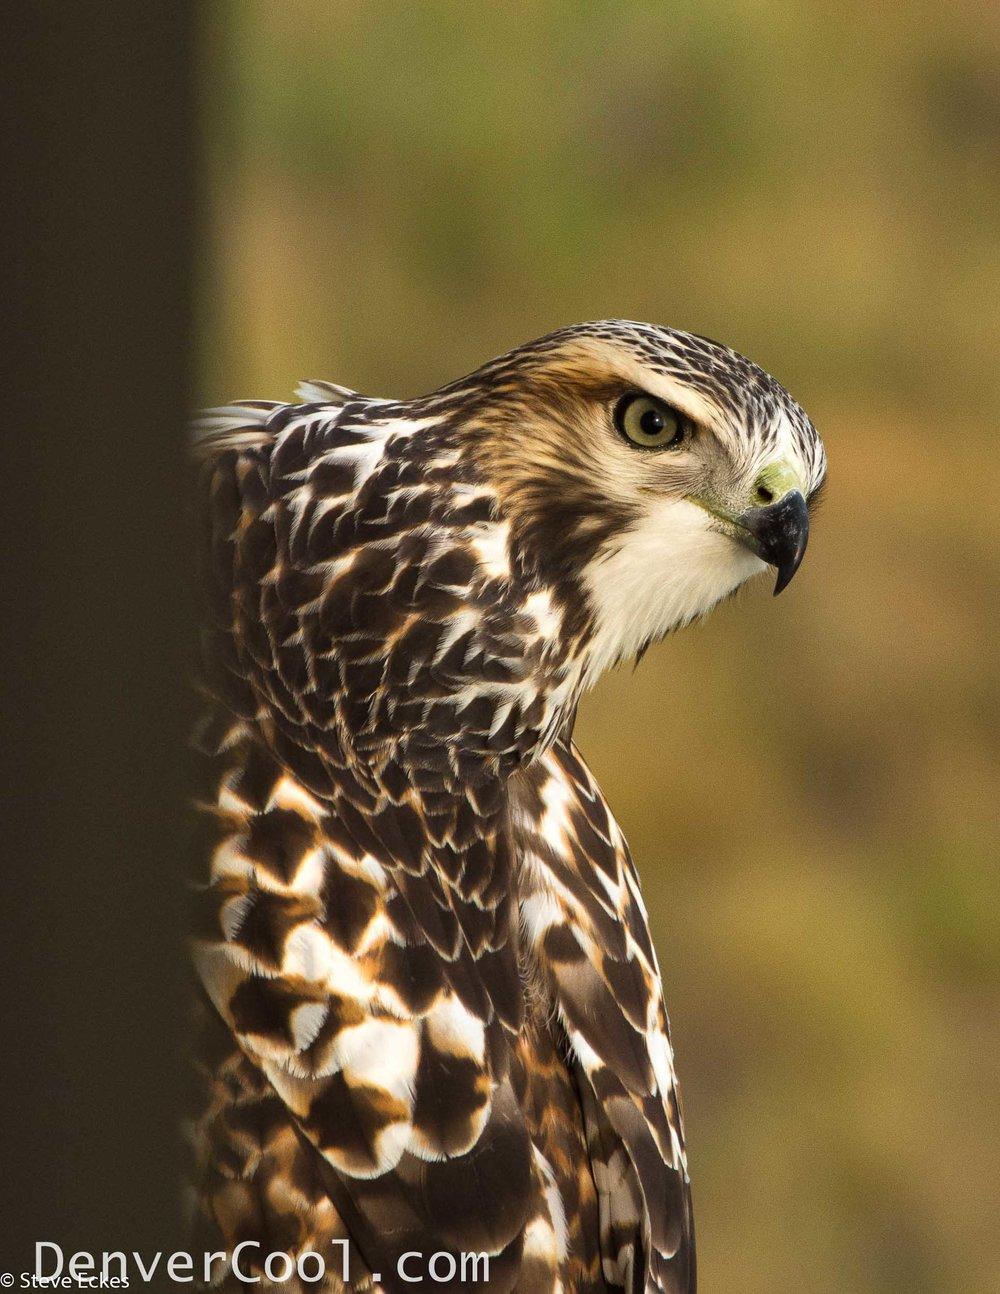 A Hawk's Eye